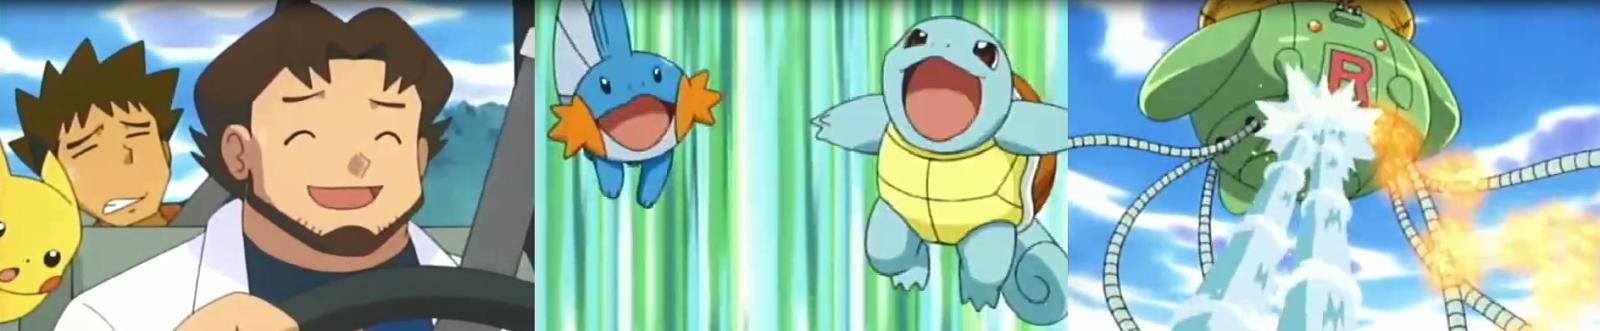 Pokemon Capitulo 31 Temporada 7 Ataque En Paquete De Seis